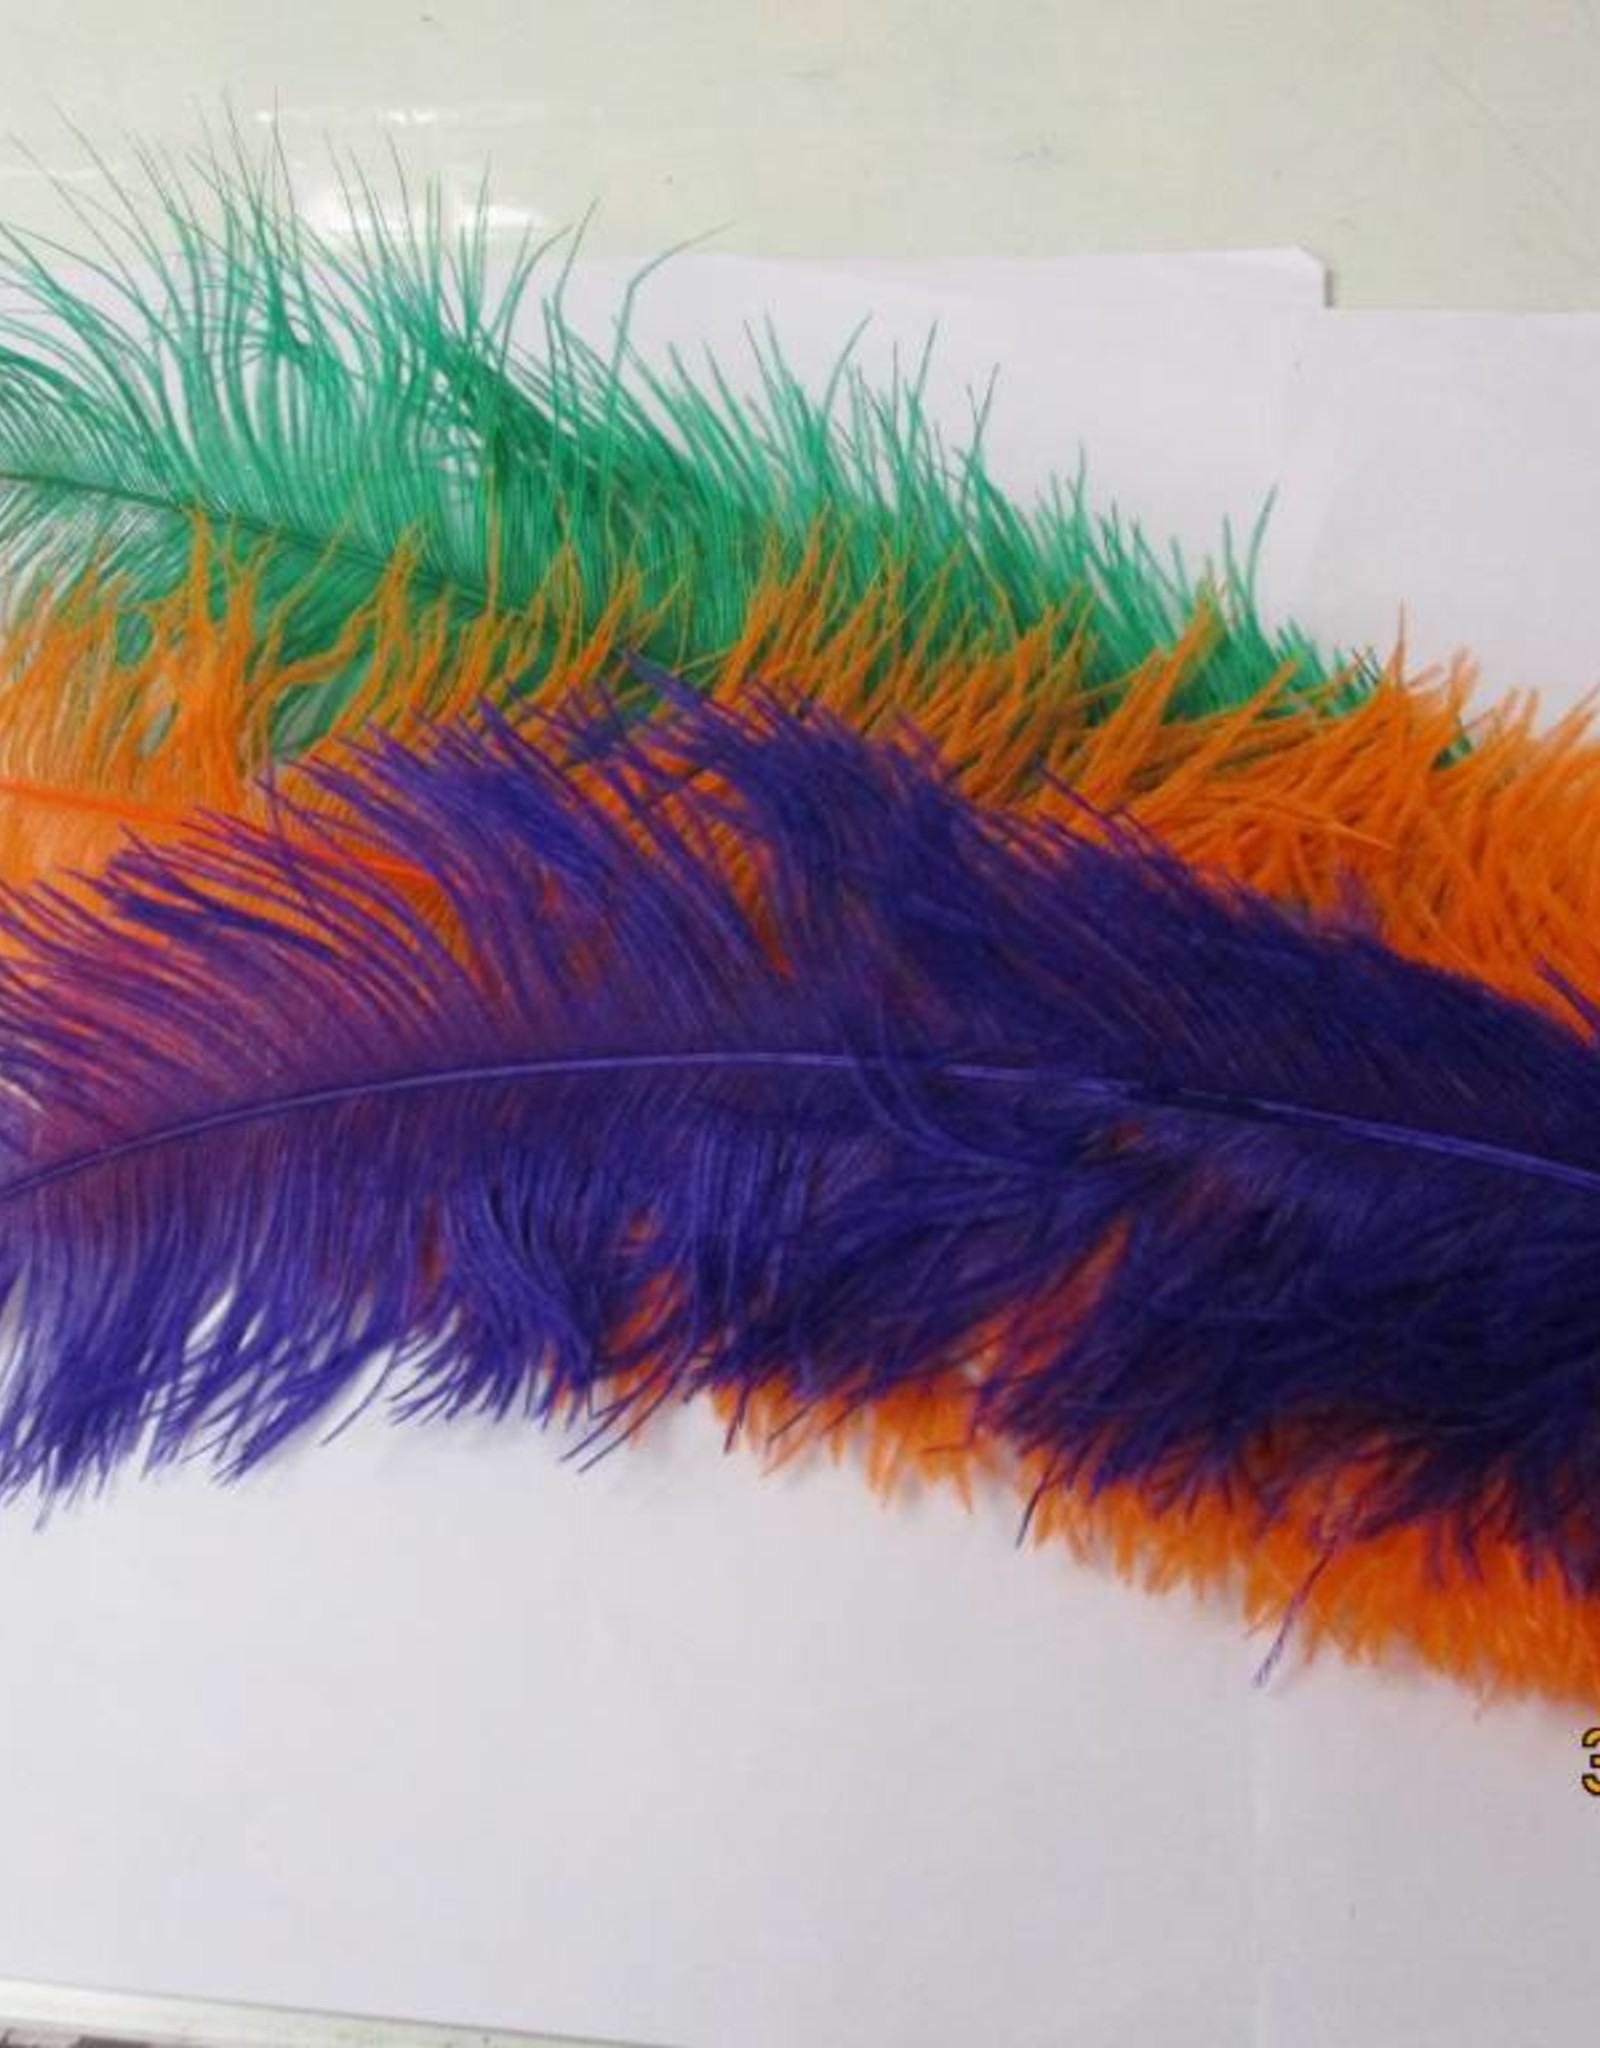 geen struisvogel pluimen vershillende kleuren -+ 65cm